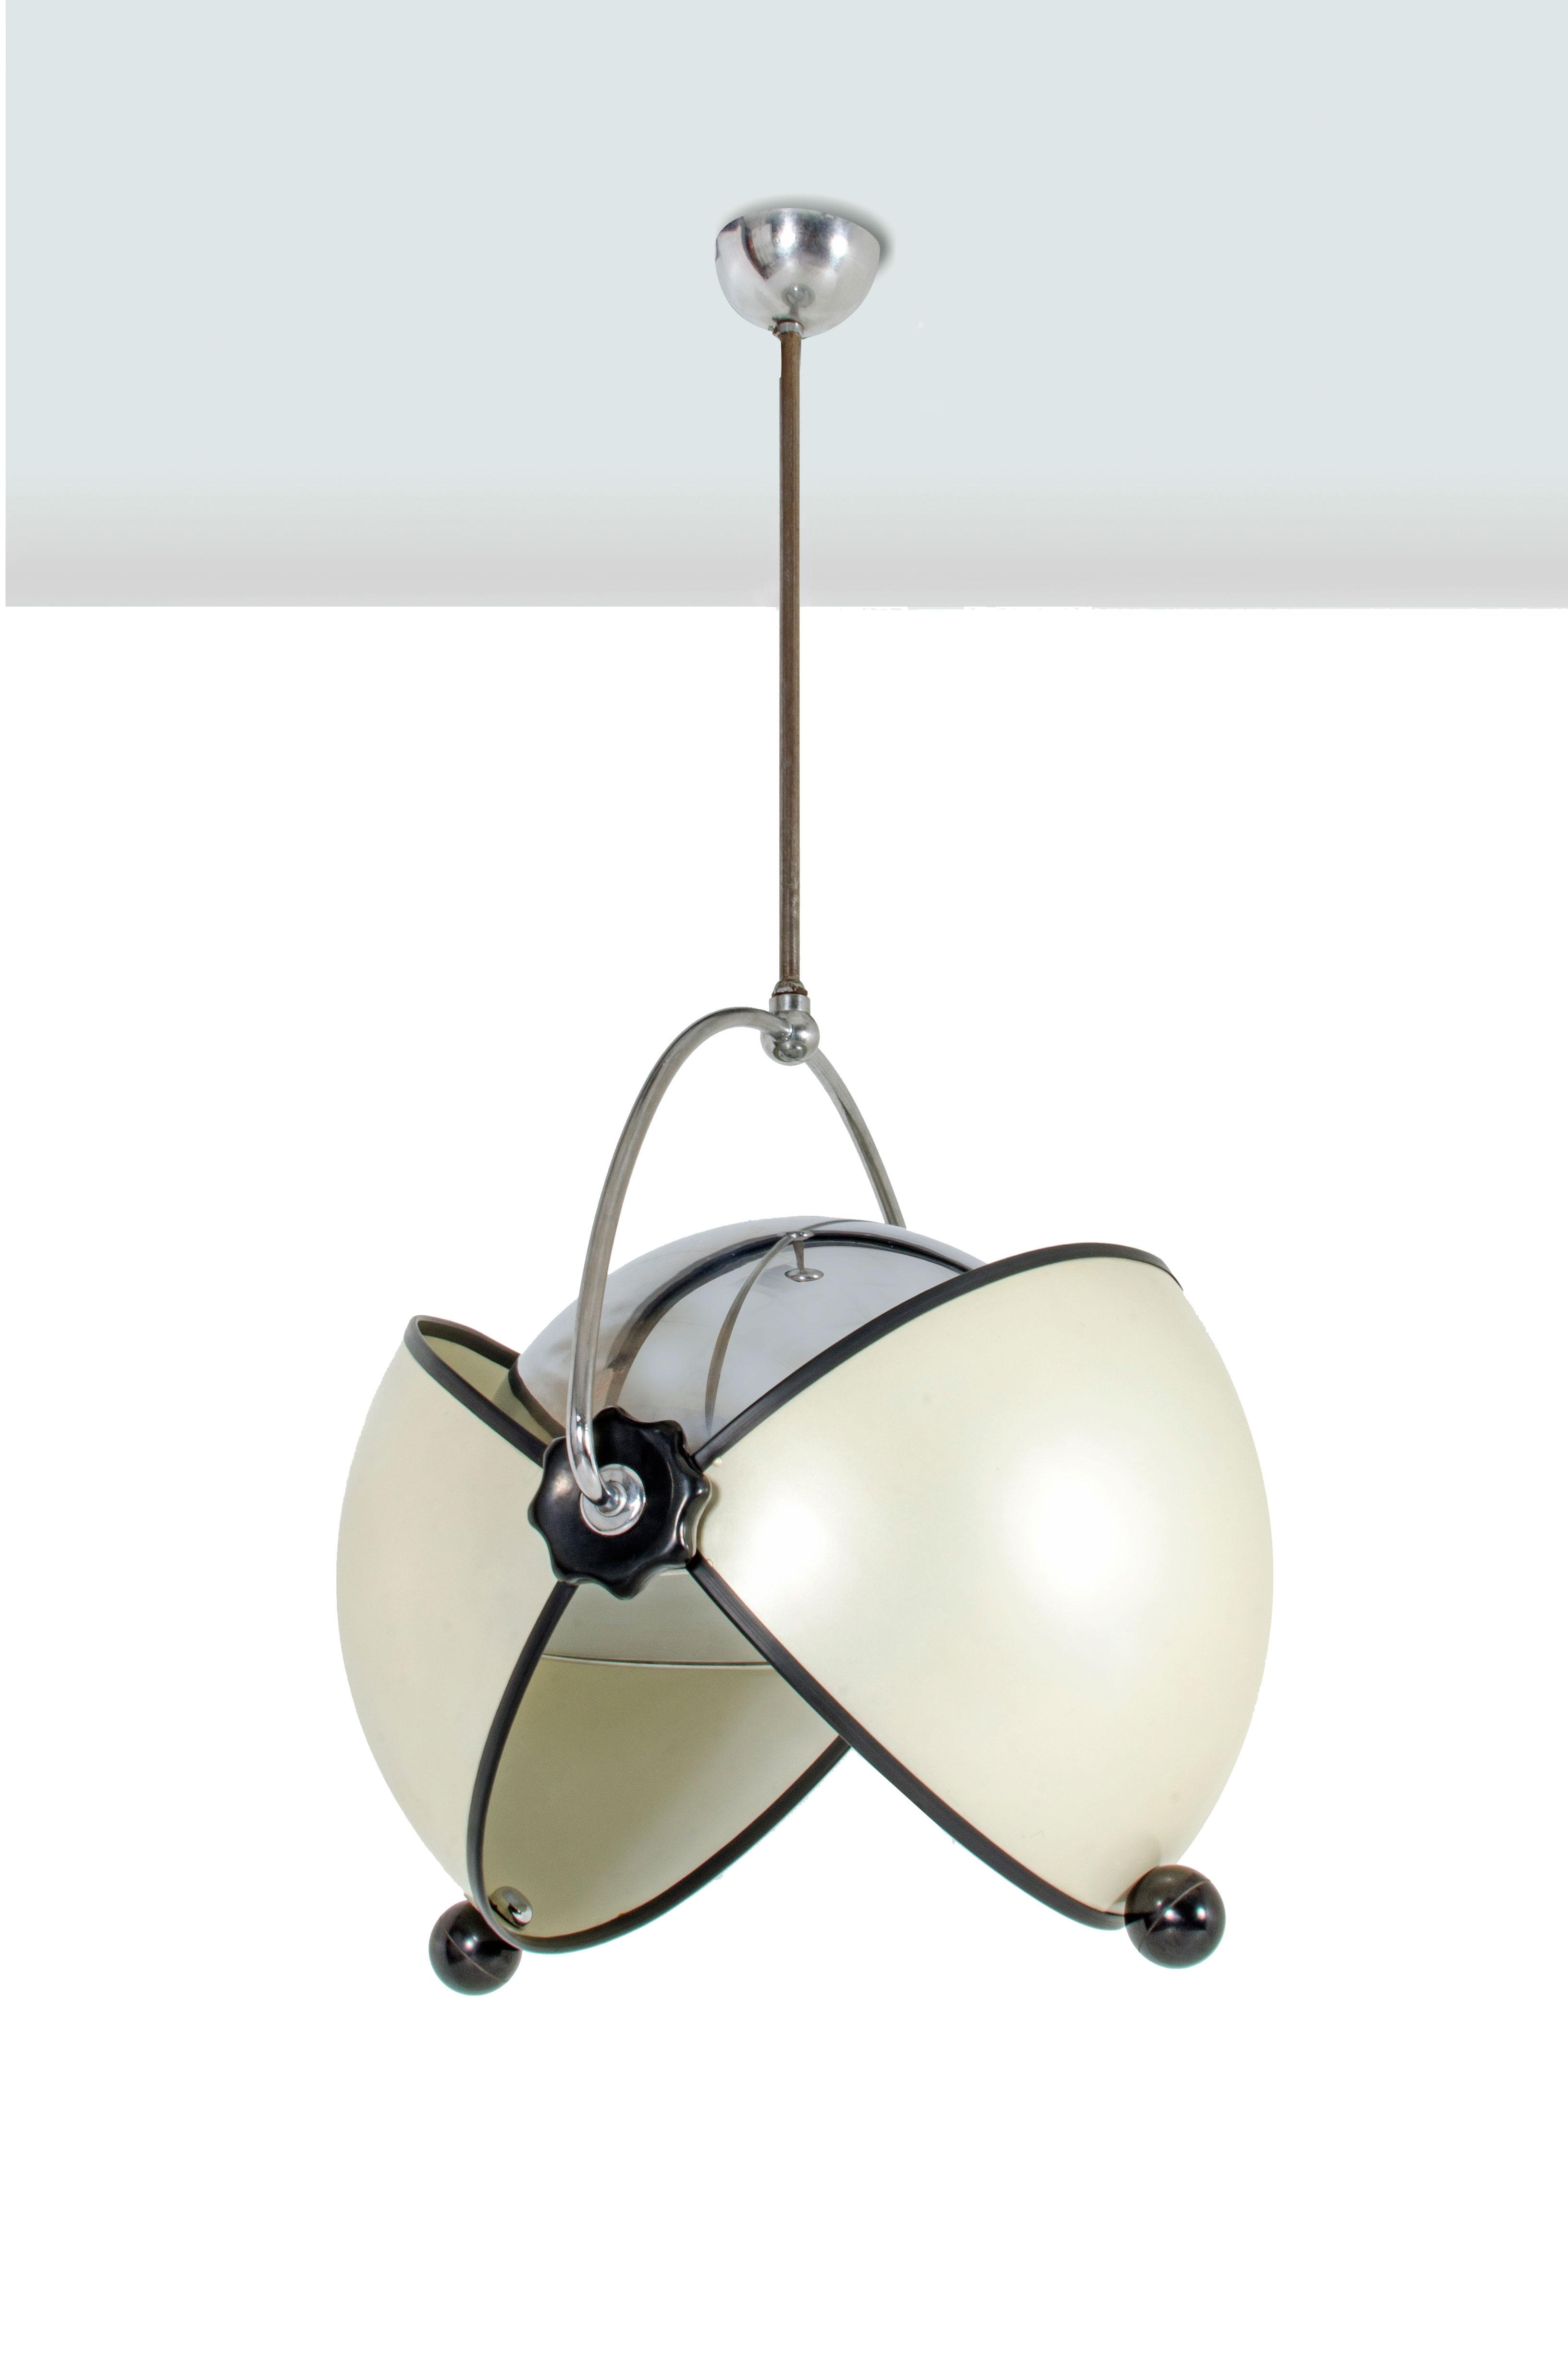 SUPERSTUDIO O-Look, Lampadario in alluminio verniciato e metallo cromato. Prod. Poltronova / Design Center anni '60 h cm 115 diam 60